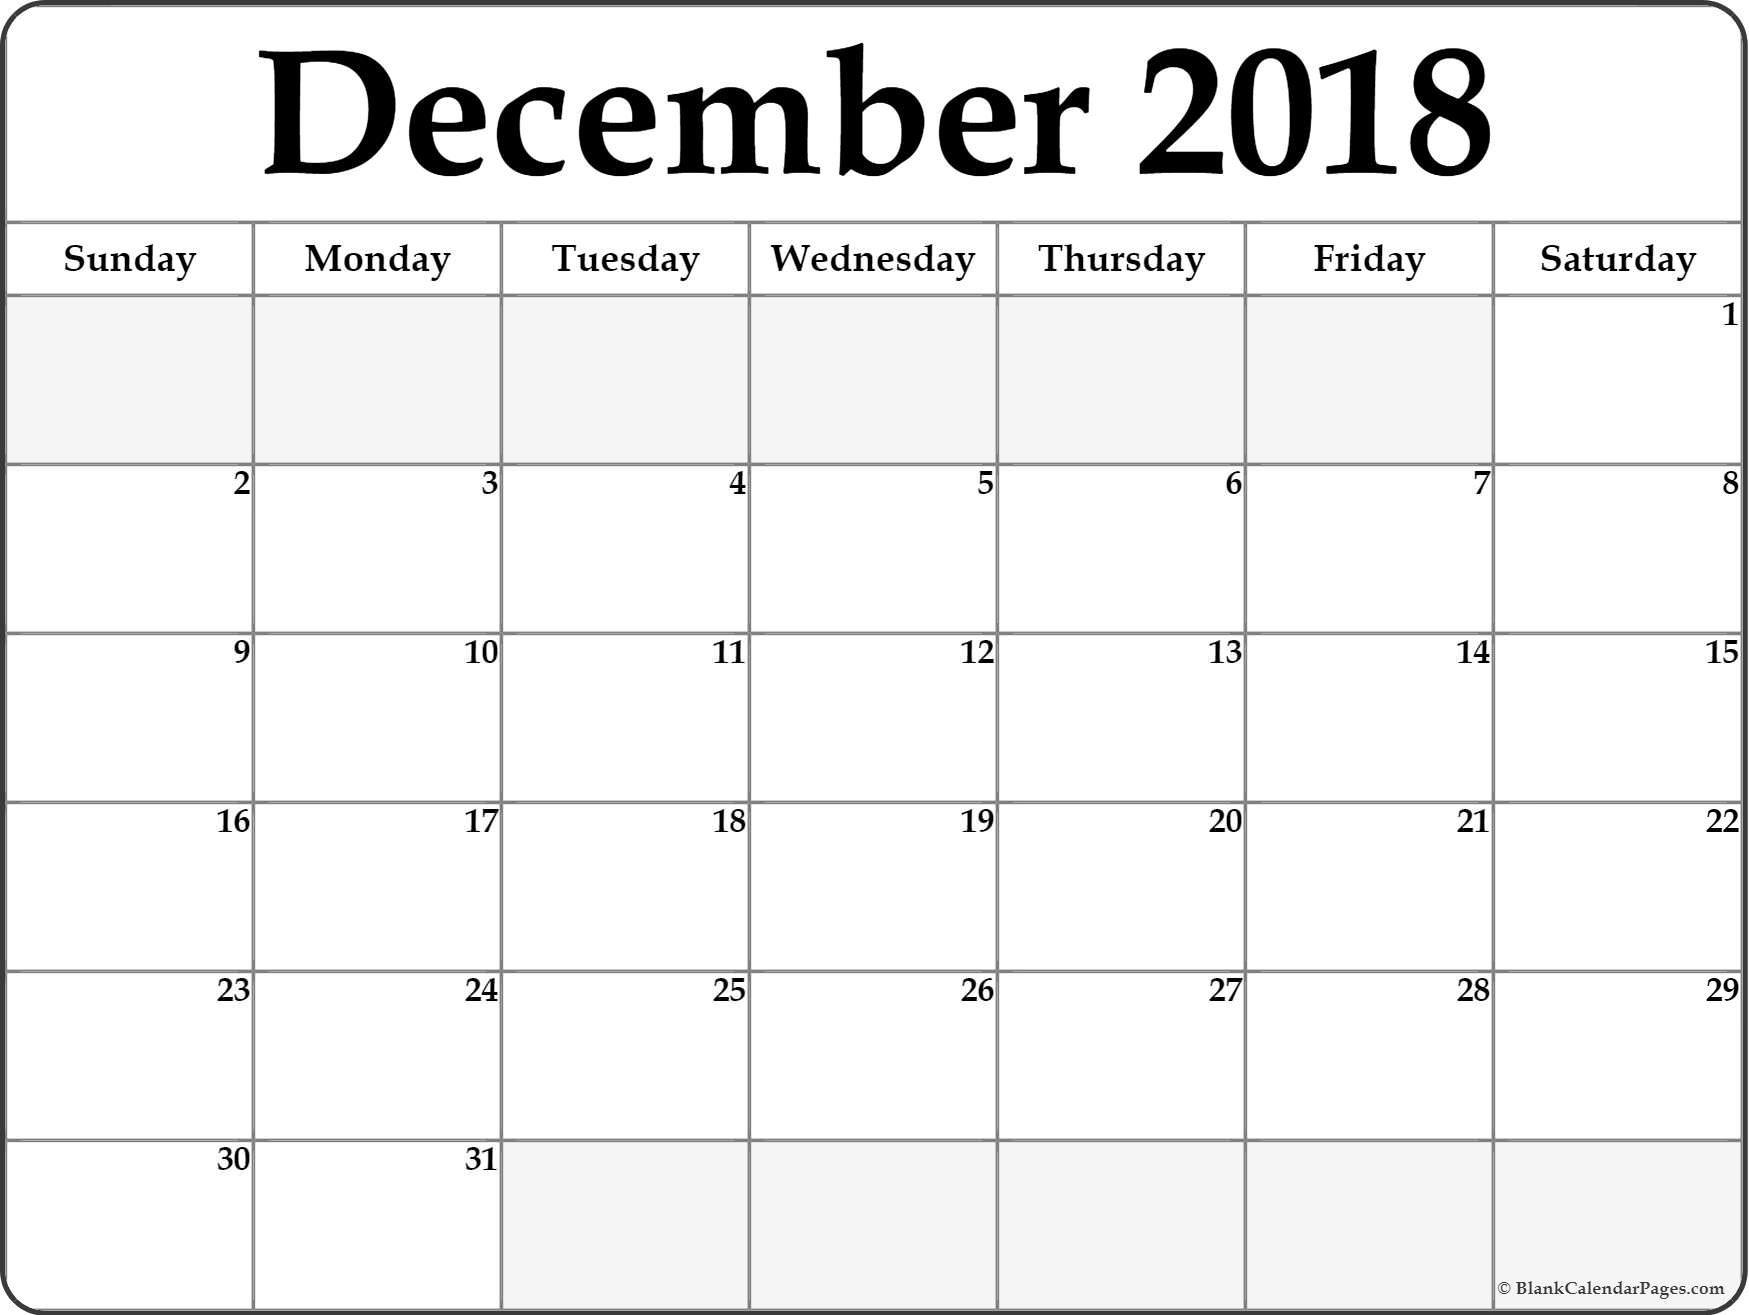 December 2018 Blank Calendar . December 2018 Calendar Printable intended for December Blank Calendar Printable